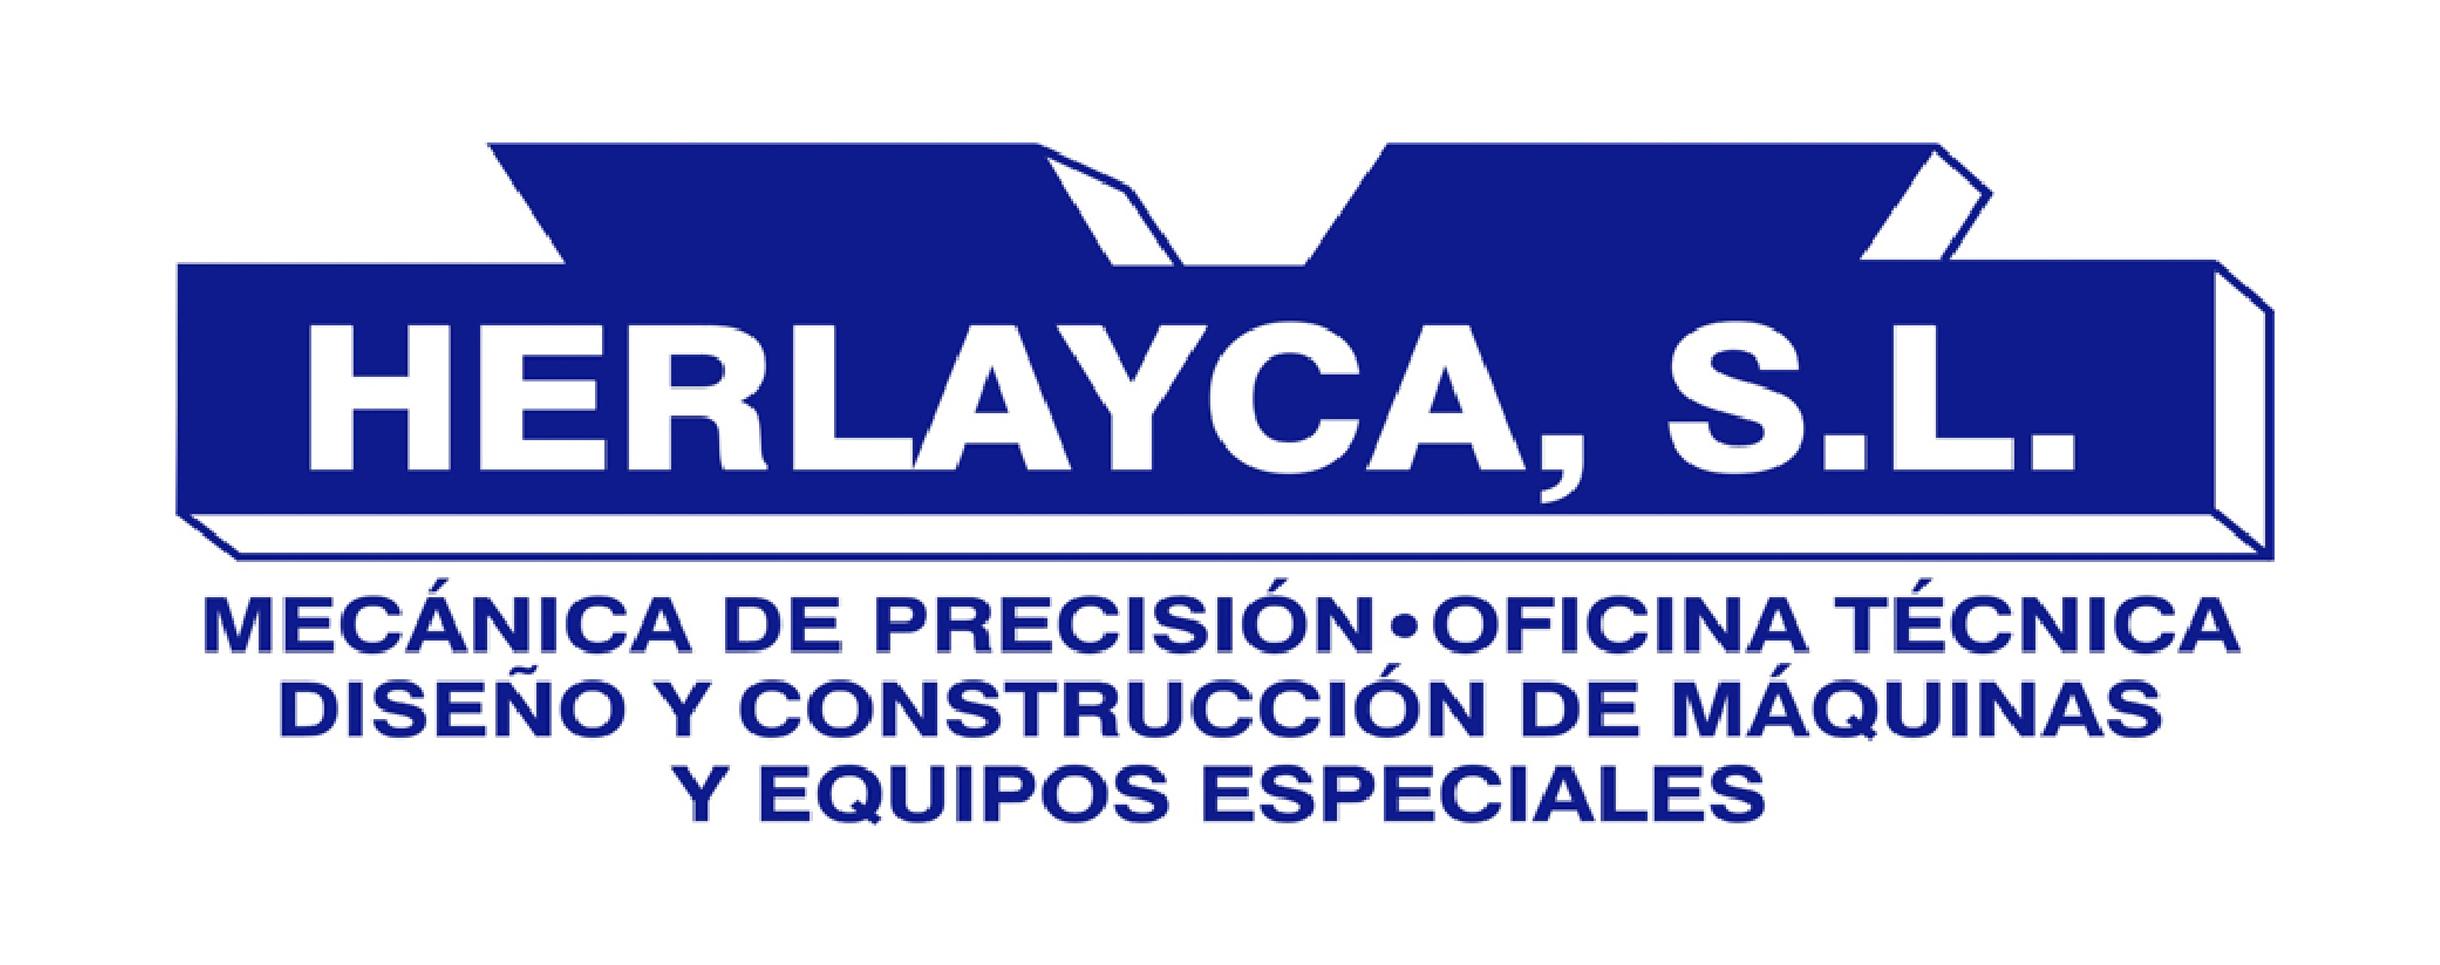 Herlayca